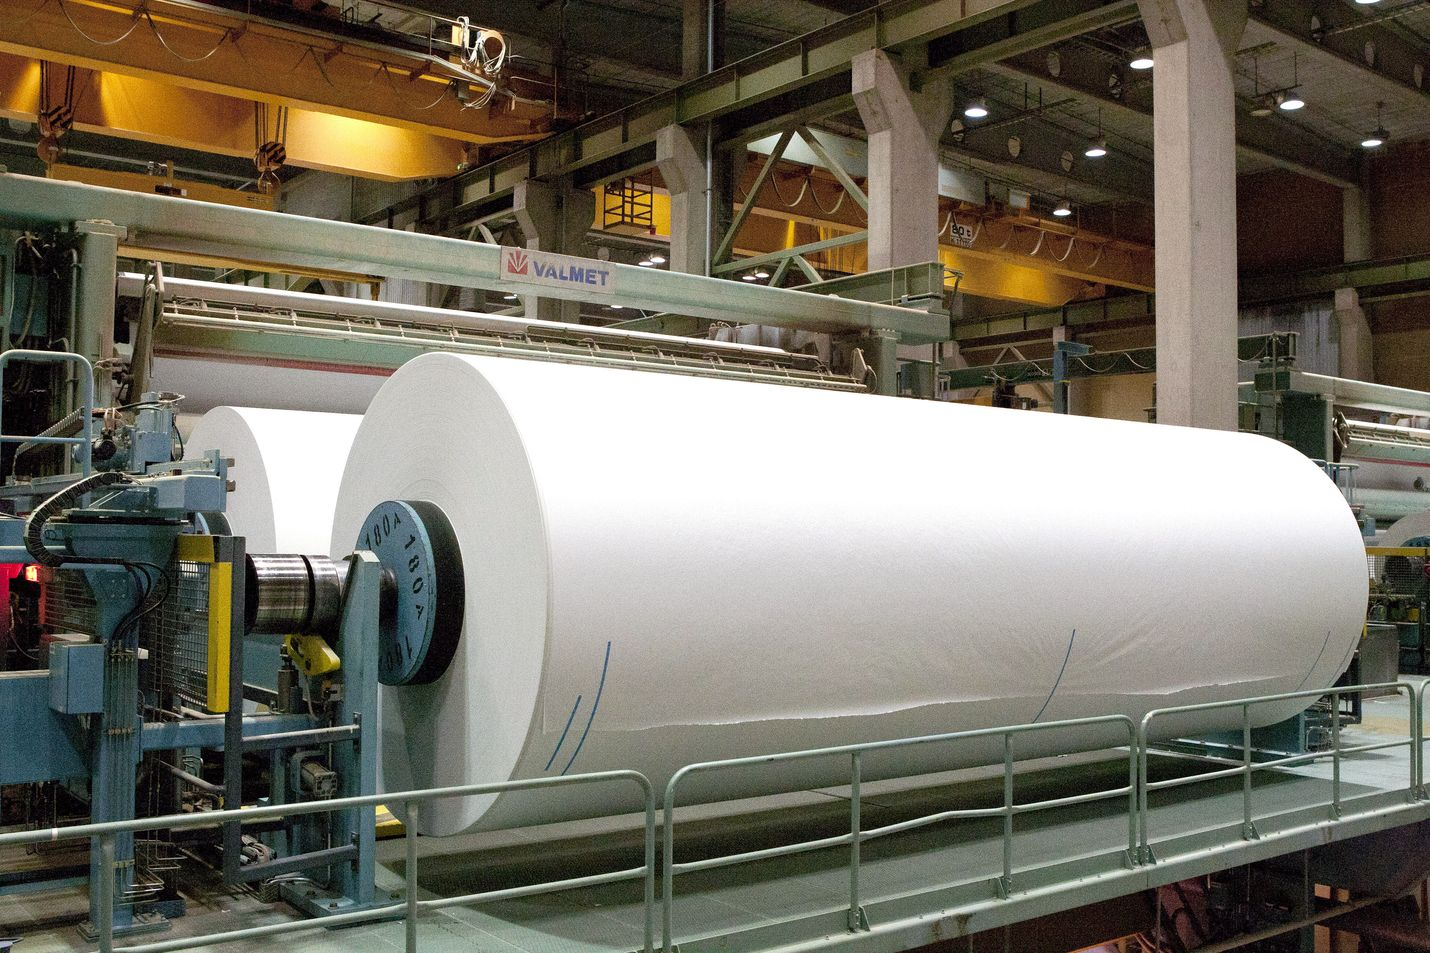 Tehtaan sulkemissuunnitelma koskee kolmea paperikonetta ja vähentää graafisten paperien kapasiteettia 720 000 tonnilta. Aihekuva UPM-Kymmene Jokilaakson tehtaalta.